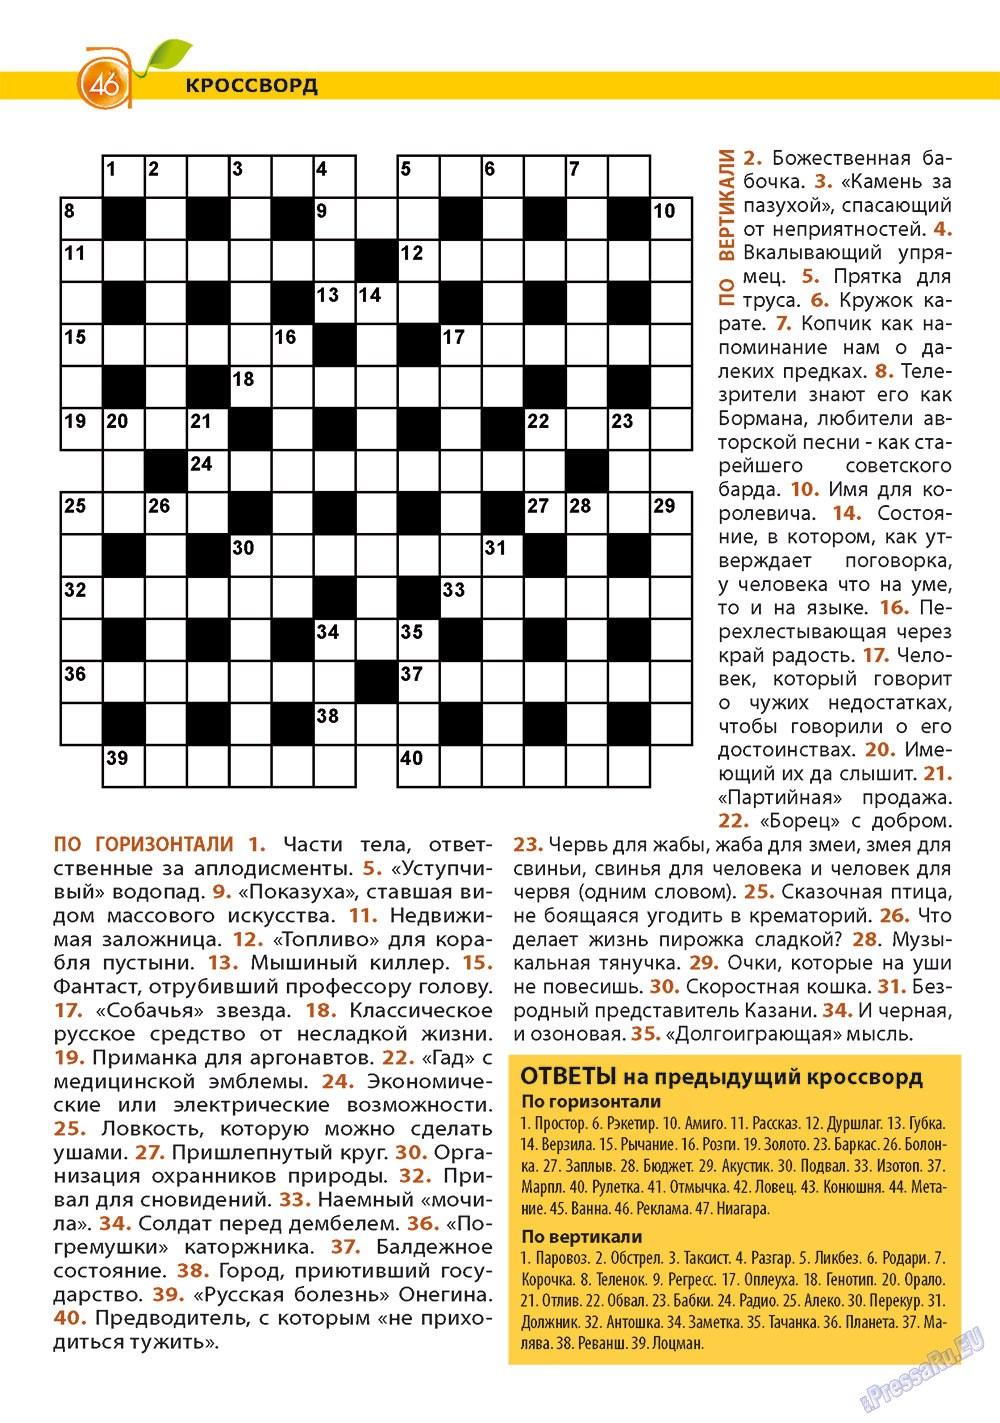 Апельсин (журнал). 2012 год, номер 30, стр. 46